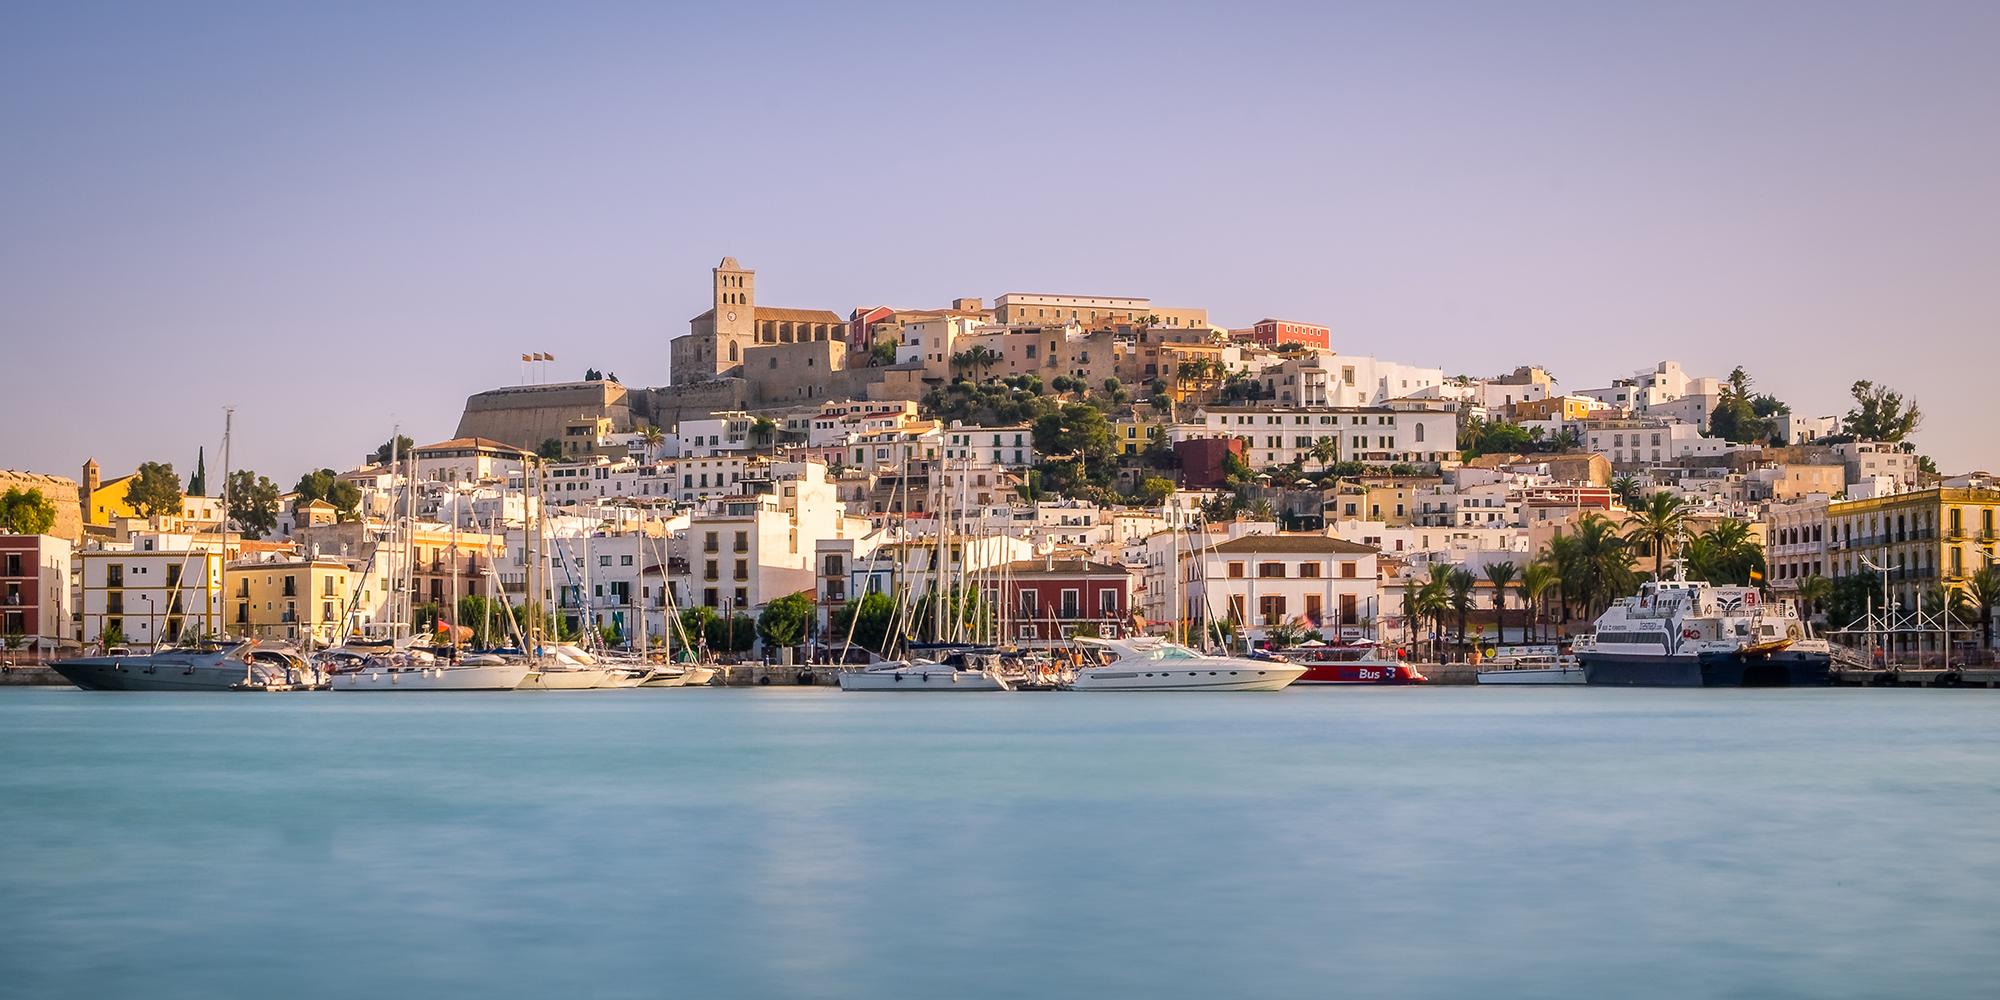 160829 - Ibiza - Sunset - Ibiza Town 001.jpg